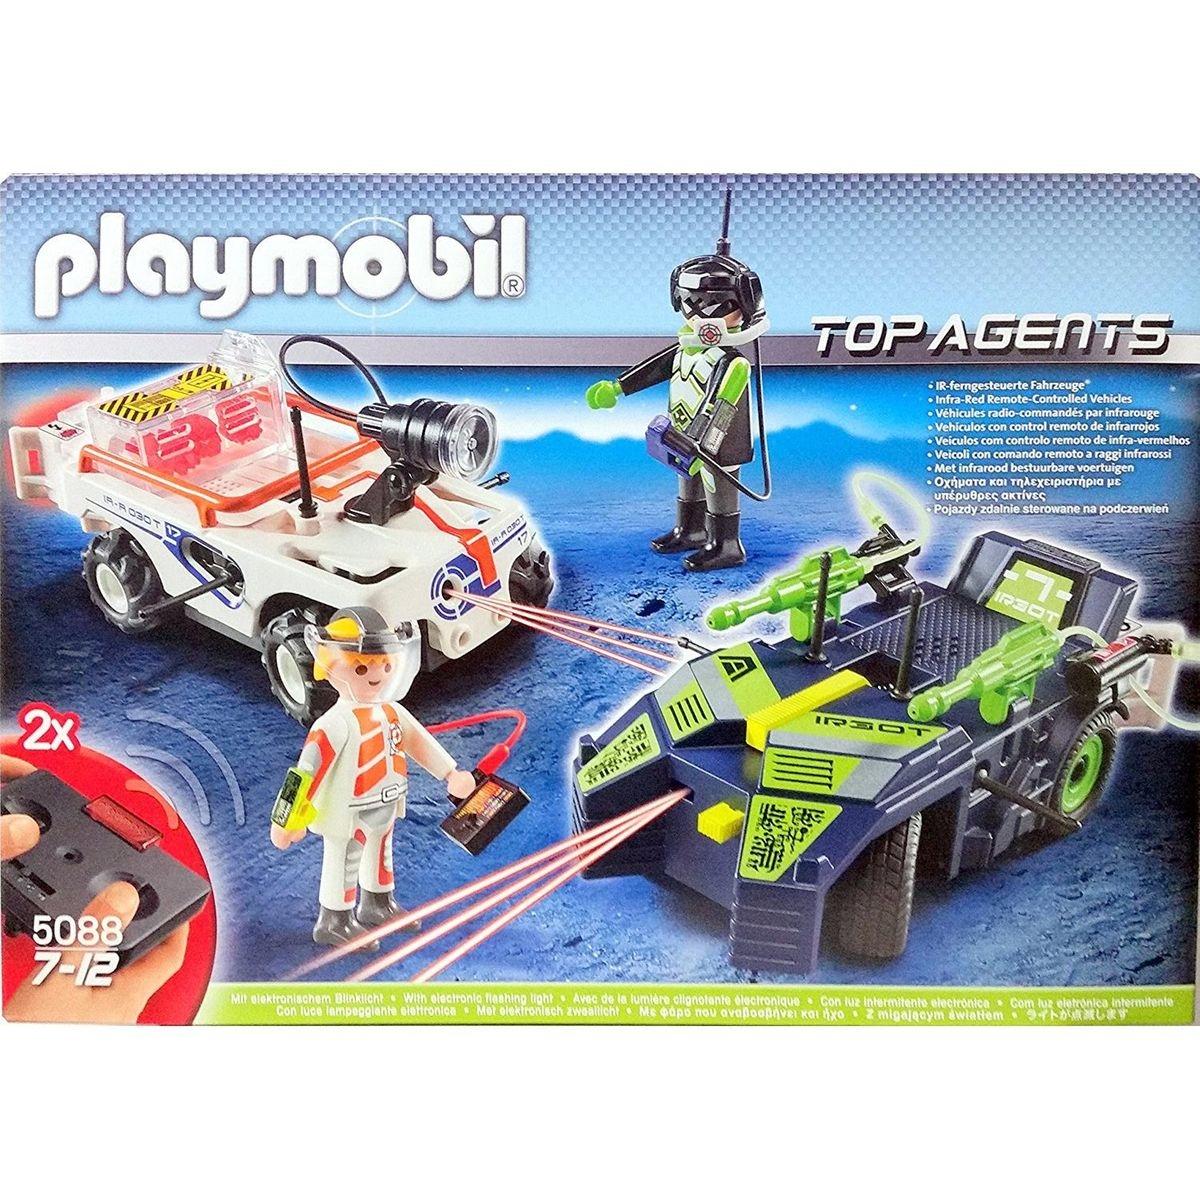 PLAYMOBIL 5088 Top Agents - IR Future Cars